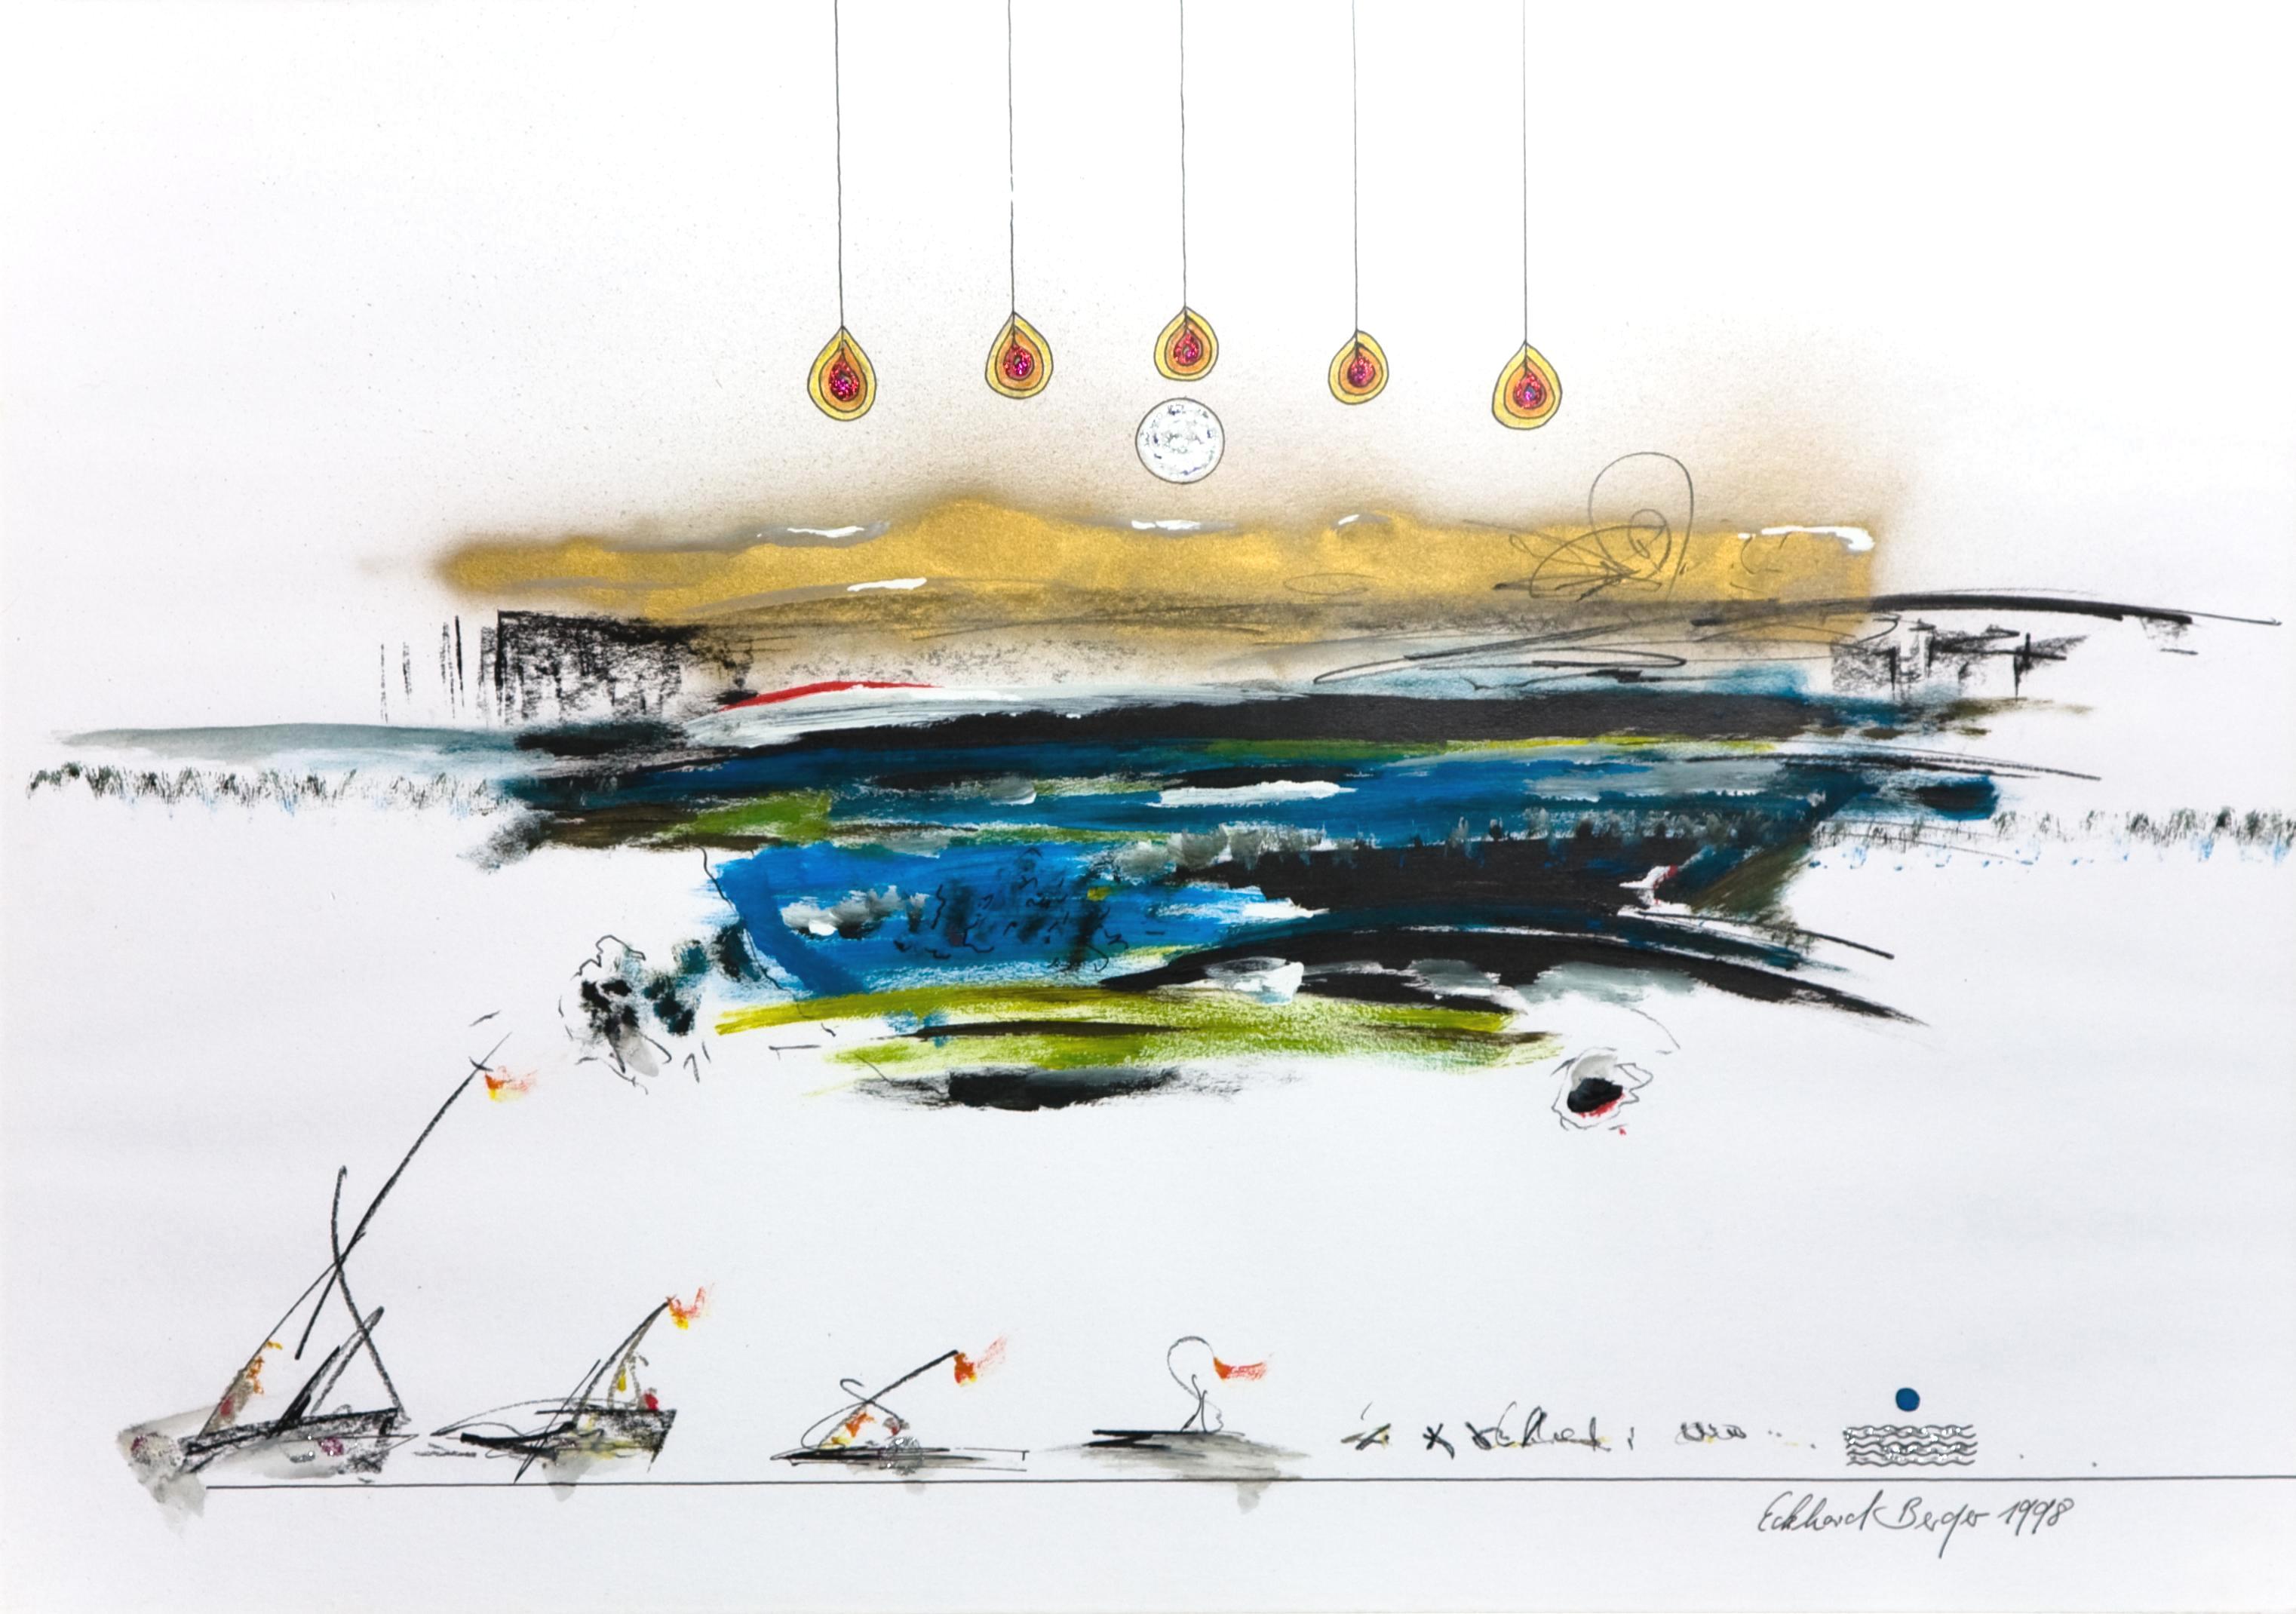 Eckhard Berger Kunstwerk Bild 21